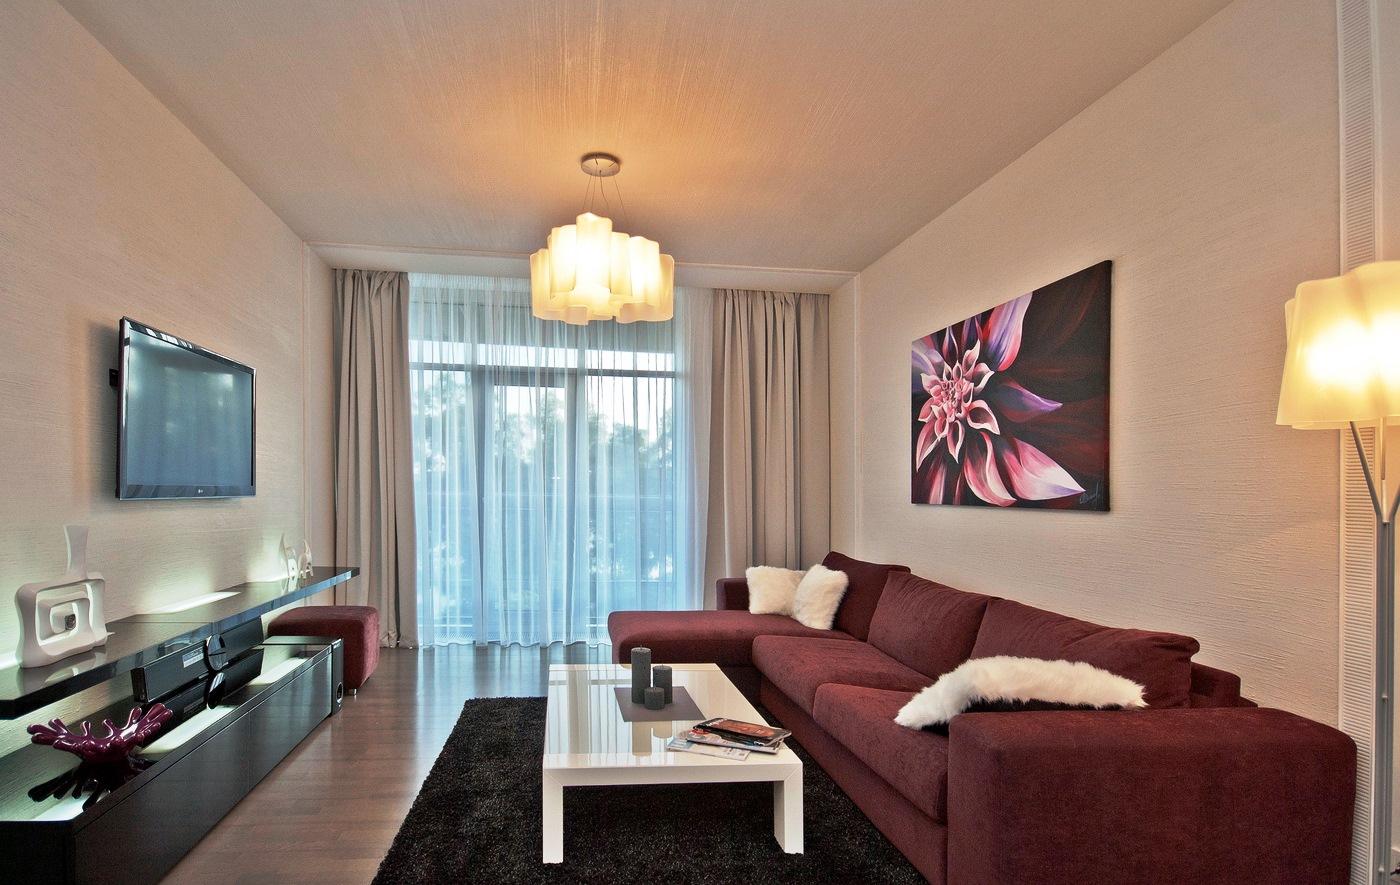 дизайн узкой гостиной с балконом фото заведения имеют единую